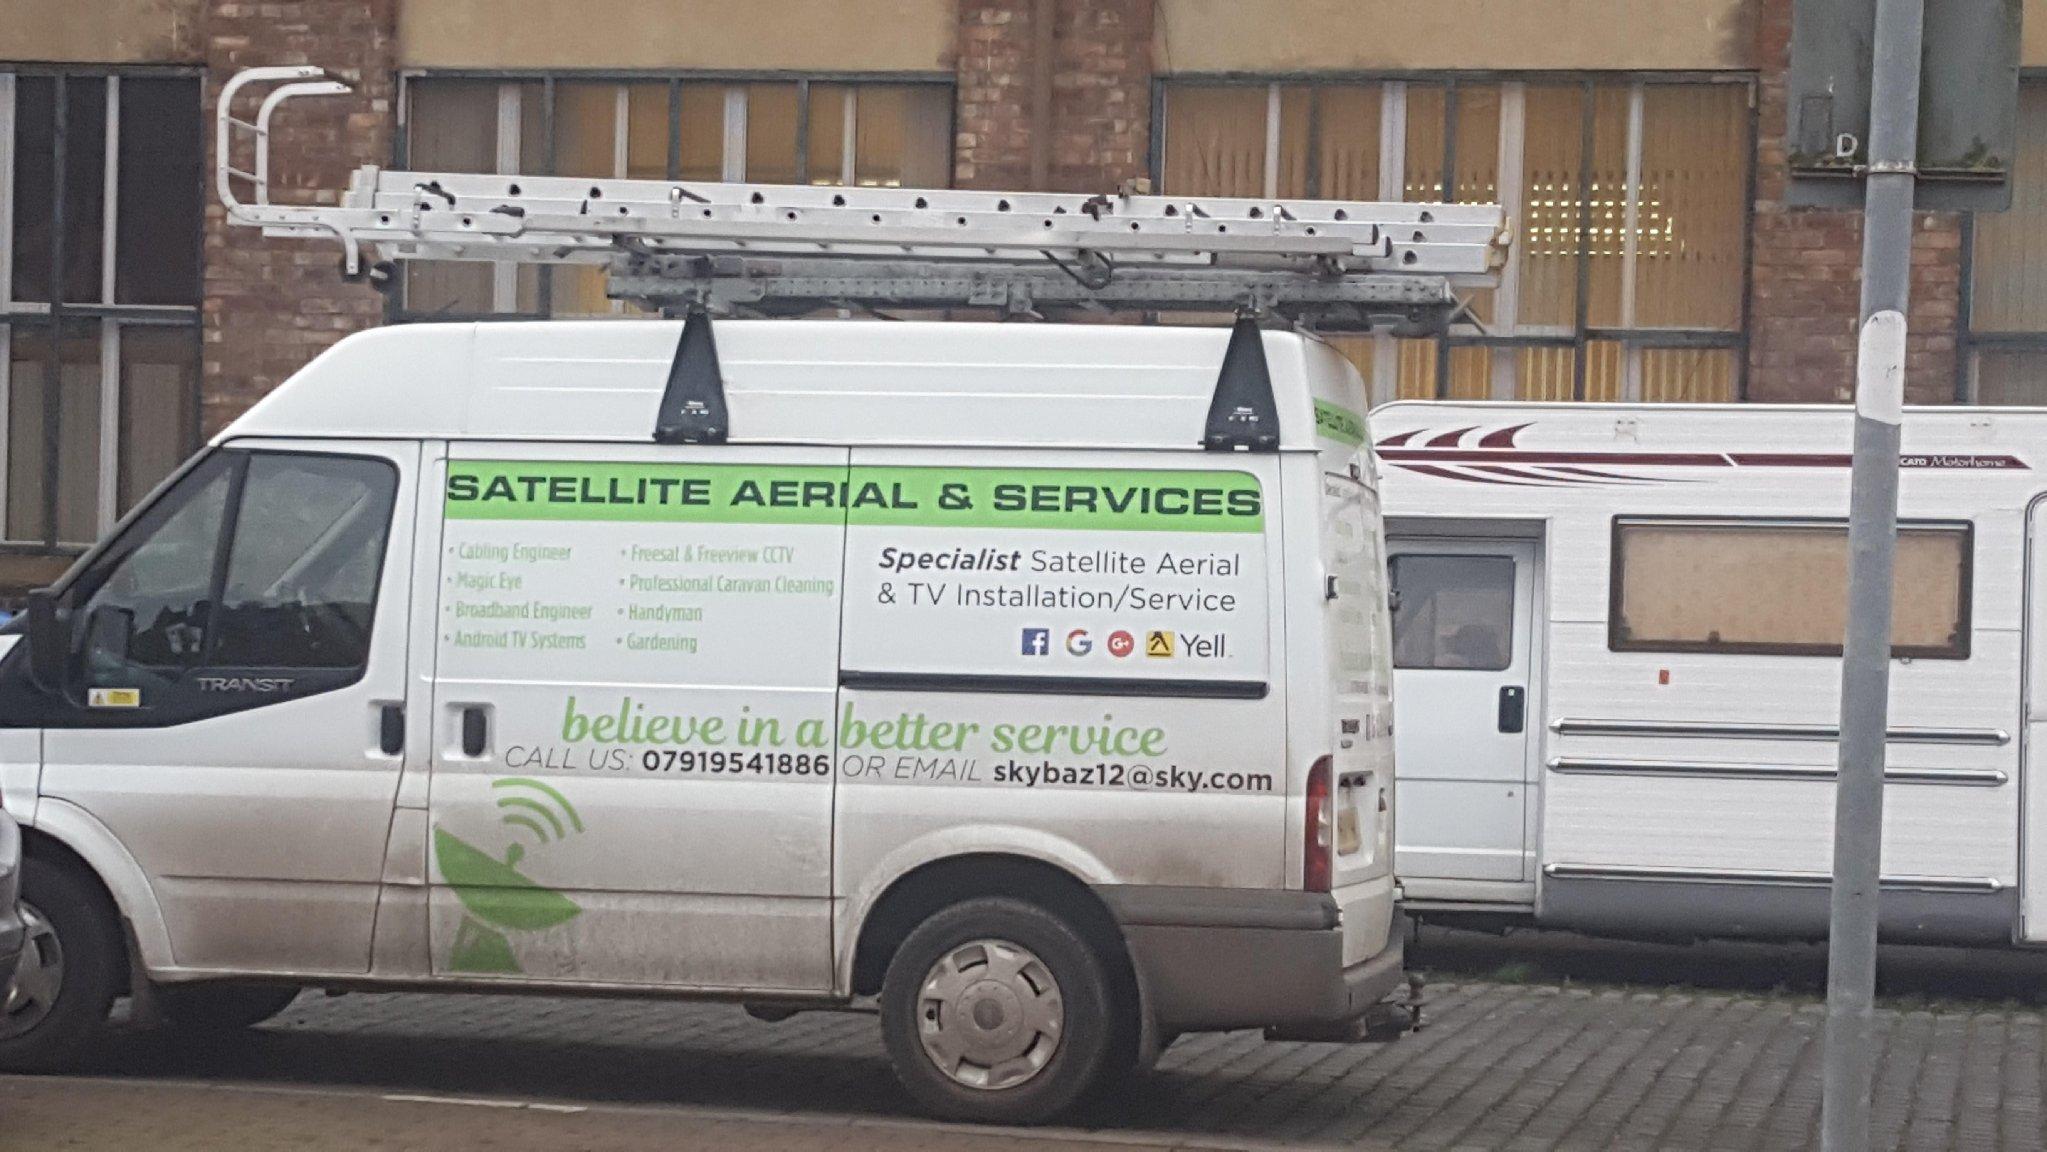 Satellite Aerial & Services